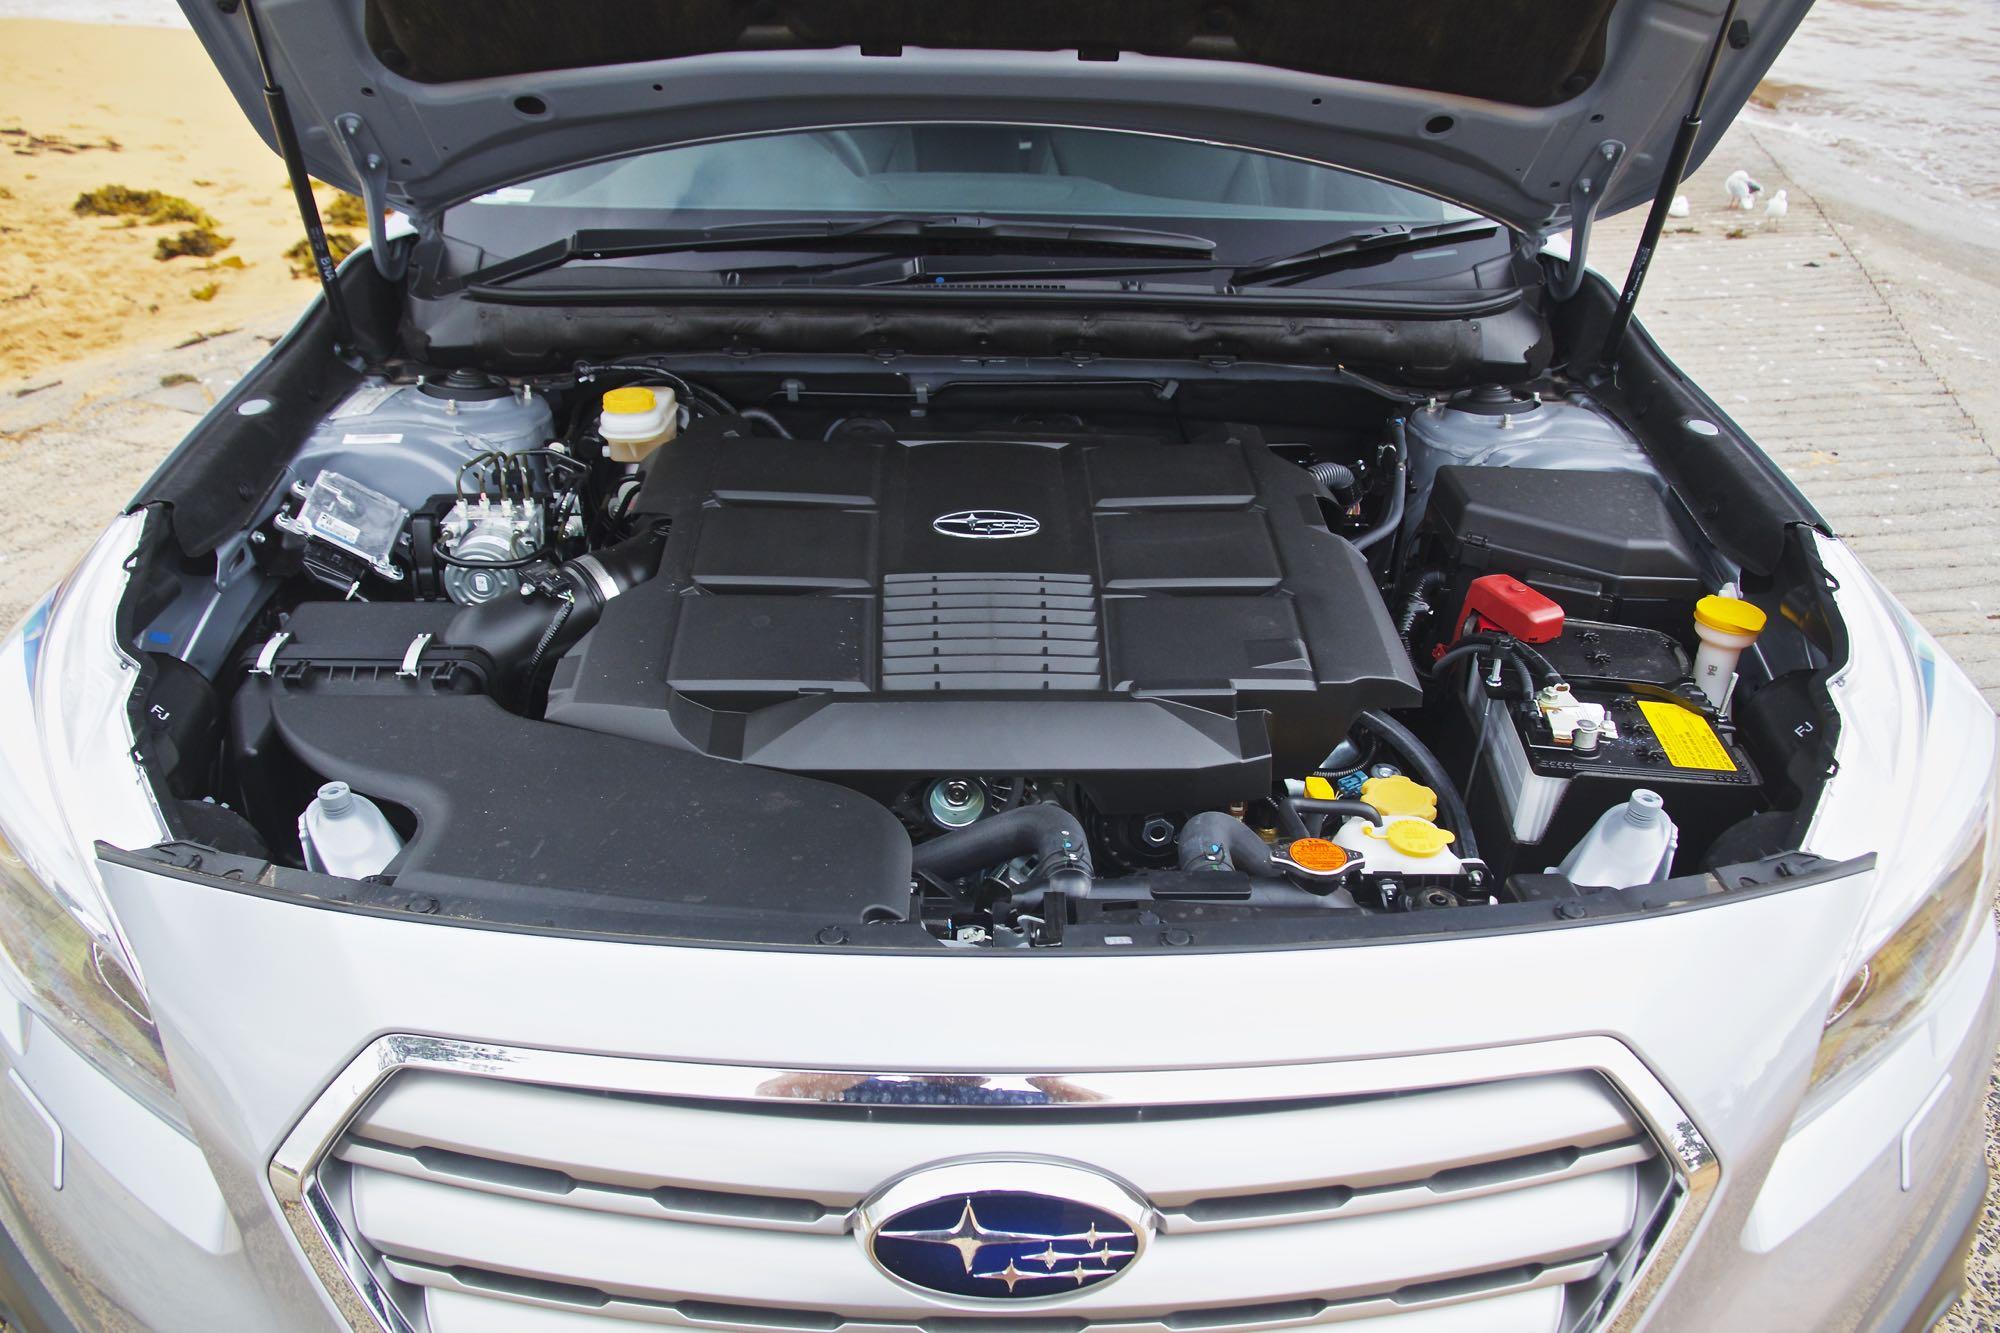 2015 Subaru Outback Review : 3 6R | CarAdvice